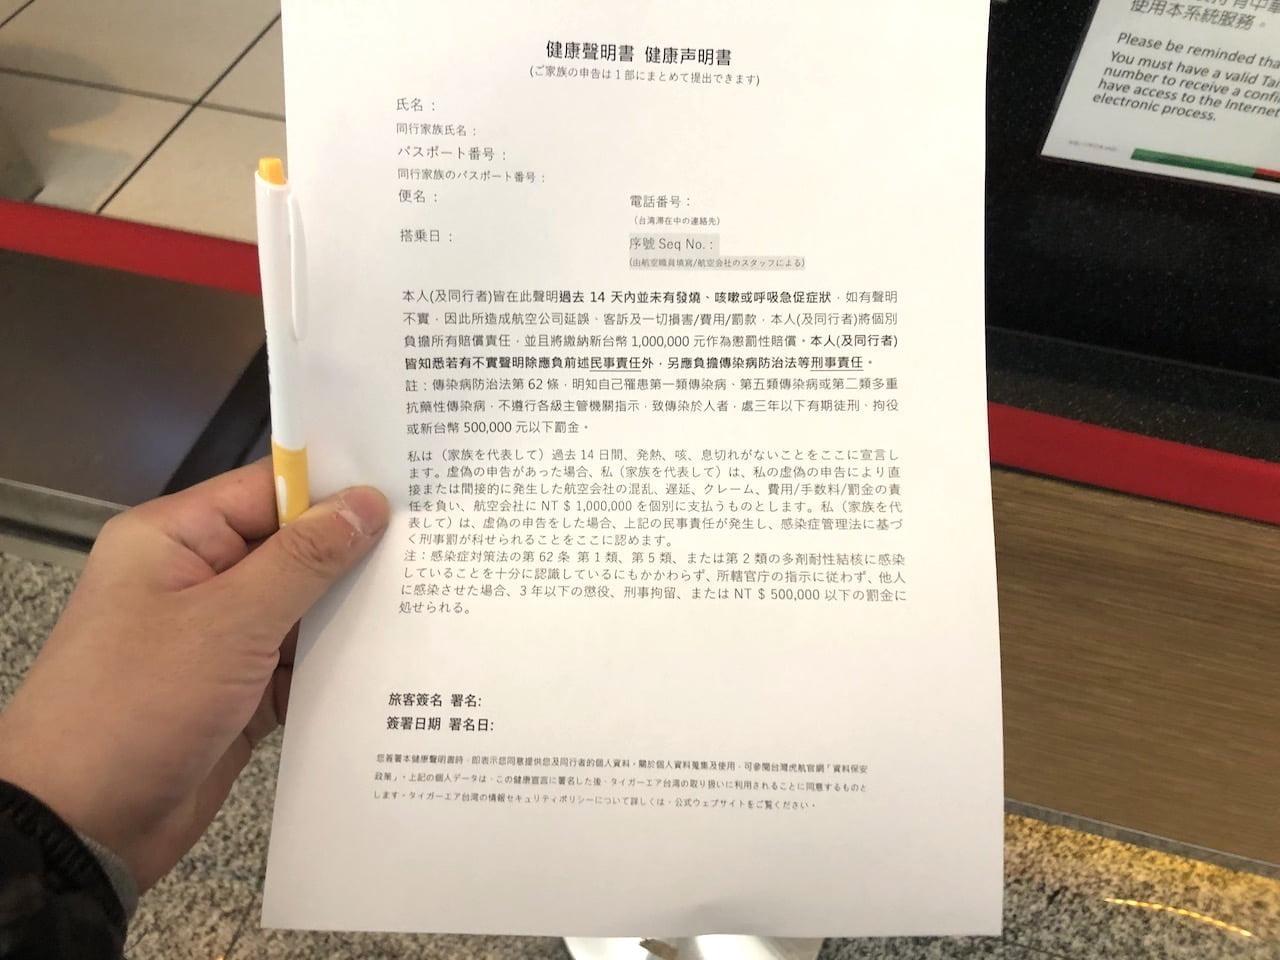 台湾の空港で配られるコロナウイルスの書類